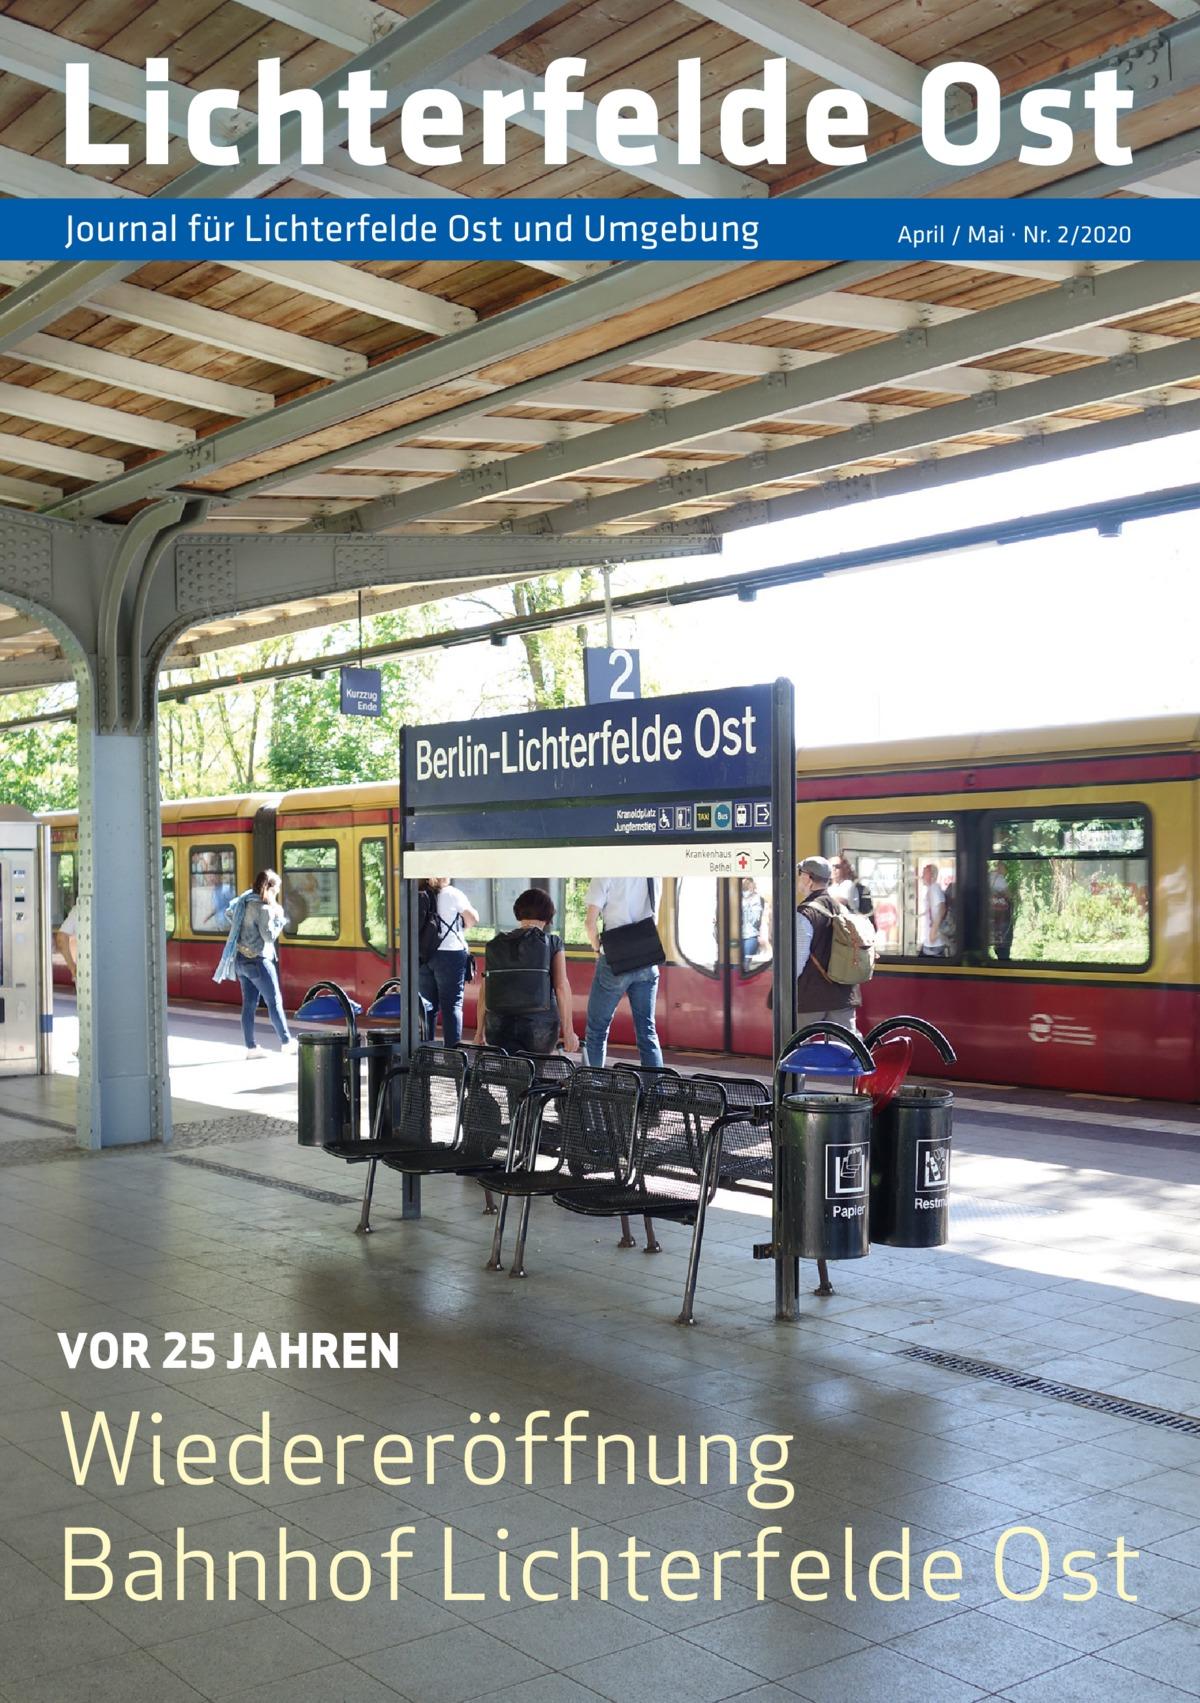 Lichterfelde Ost Journal für Lichterfelde Ost und Umgebung  VOR 25 JAHREN  April / Mai · Nr. 2/2020  Wiedereröffnung Bahnhof Lichterfelde Ost